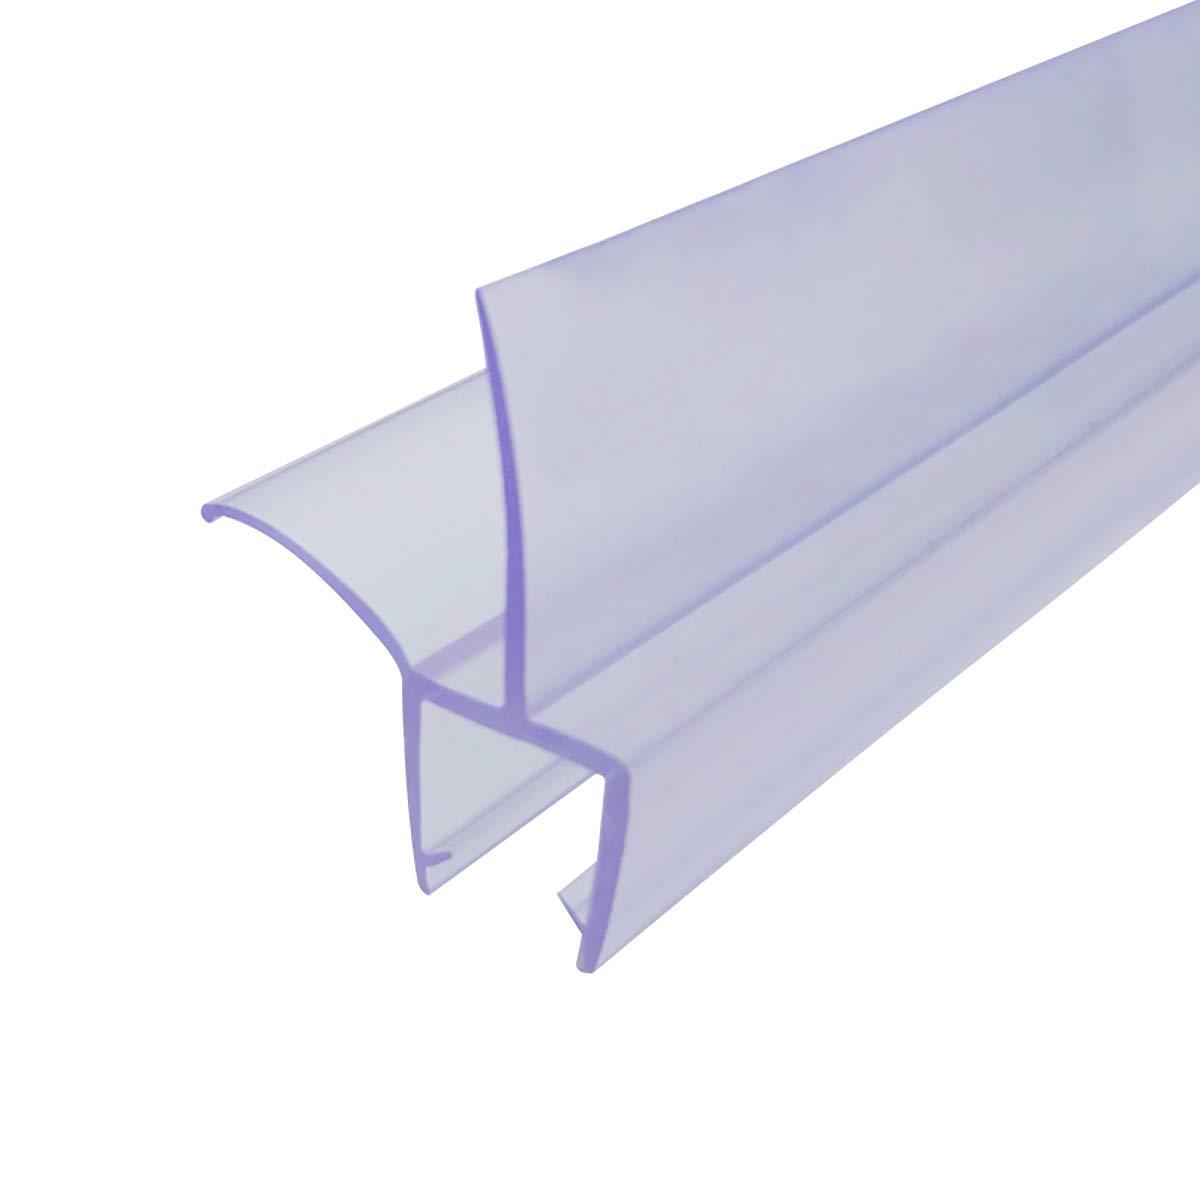 """Cozylkx Frameless Glass Door Bottom Seal, 5/16 Inch Glass, 0.63"""" Gap, Shower Room Bathroom Door Sealing Sweep Stop Shower Leaking"""